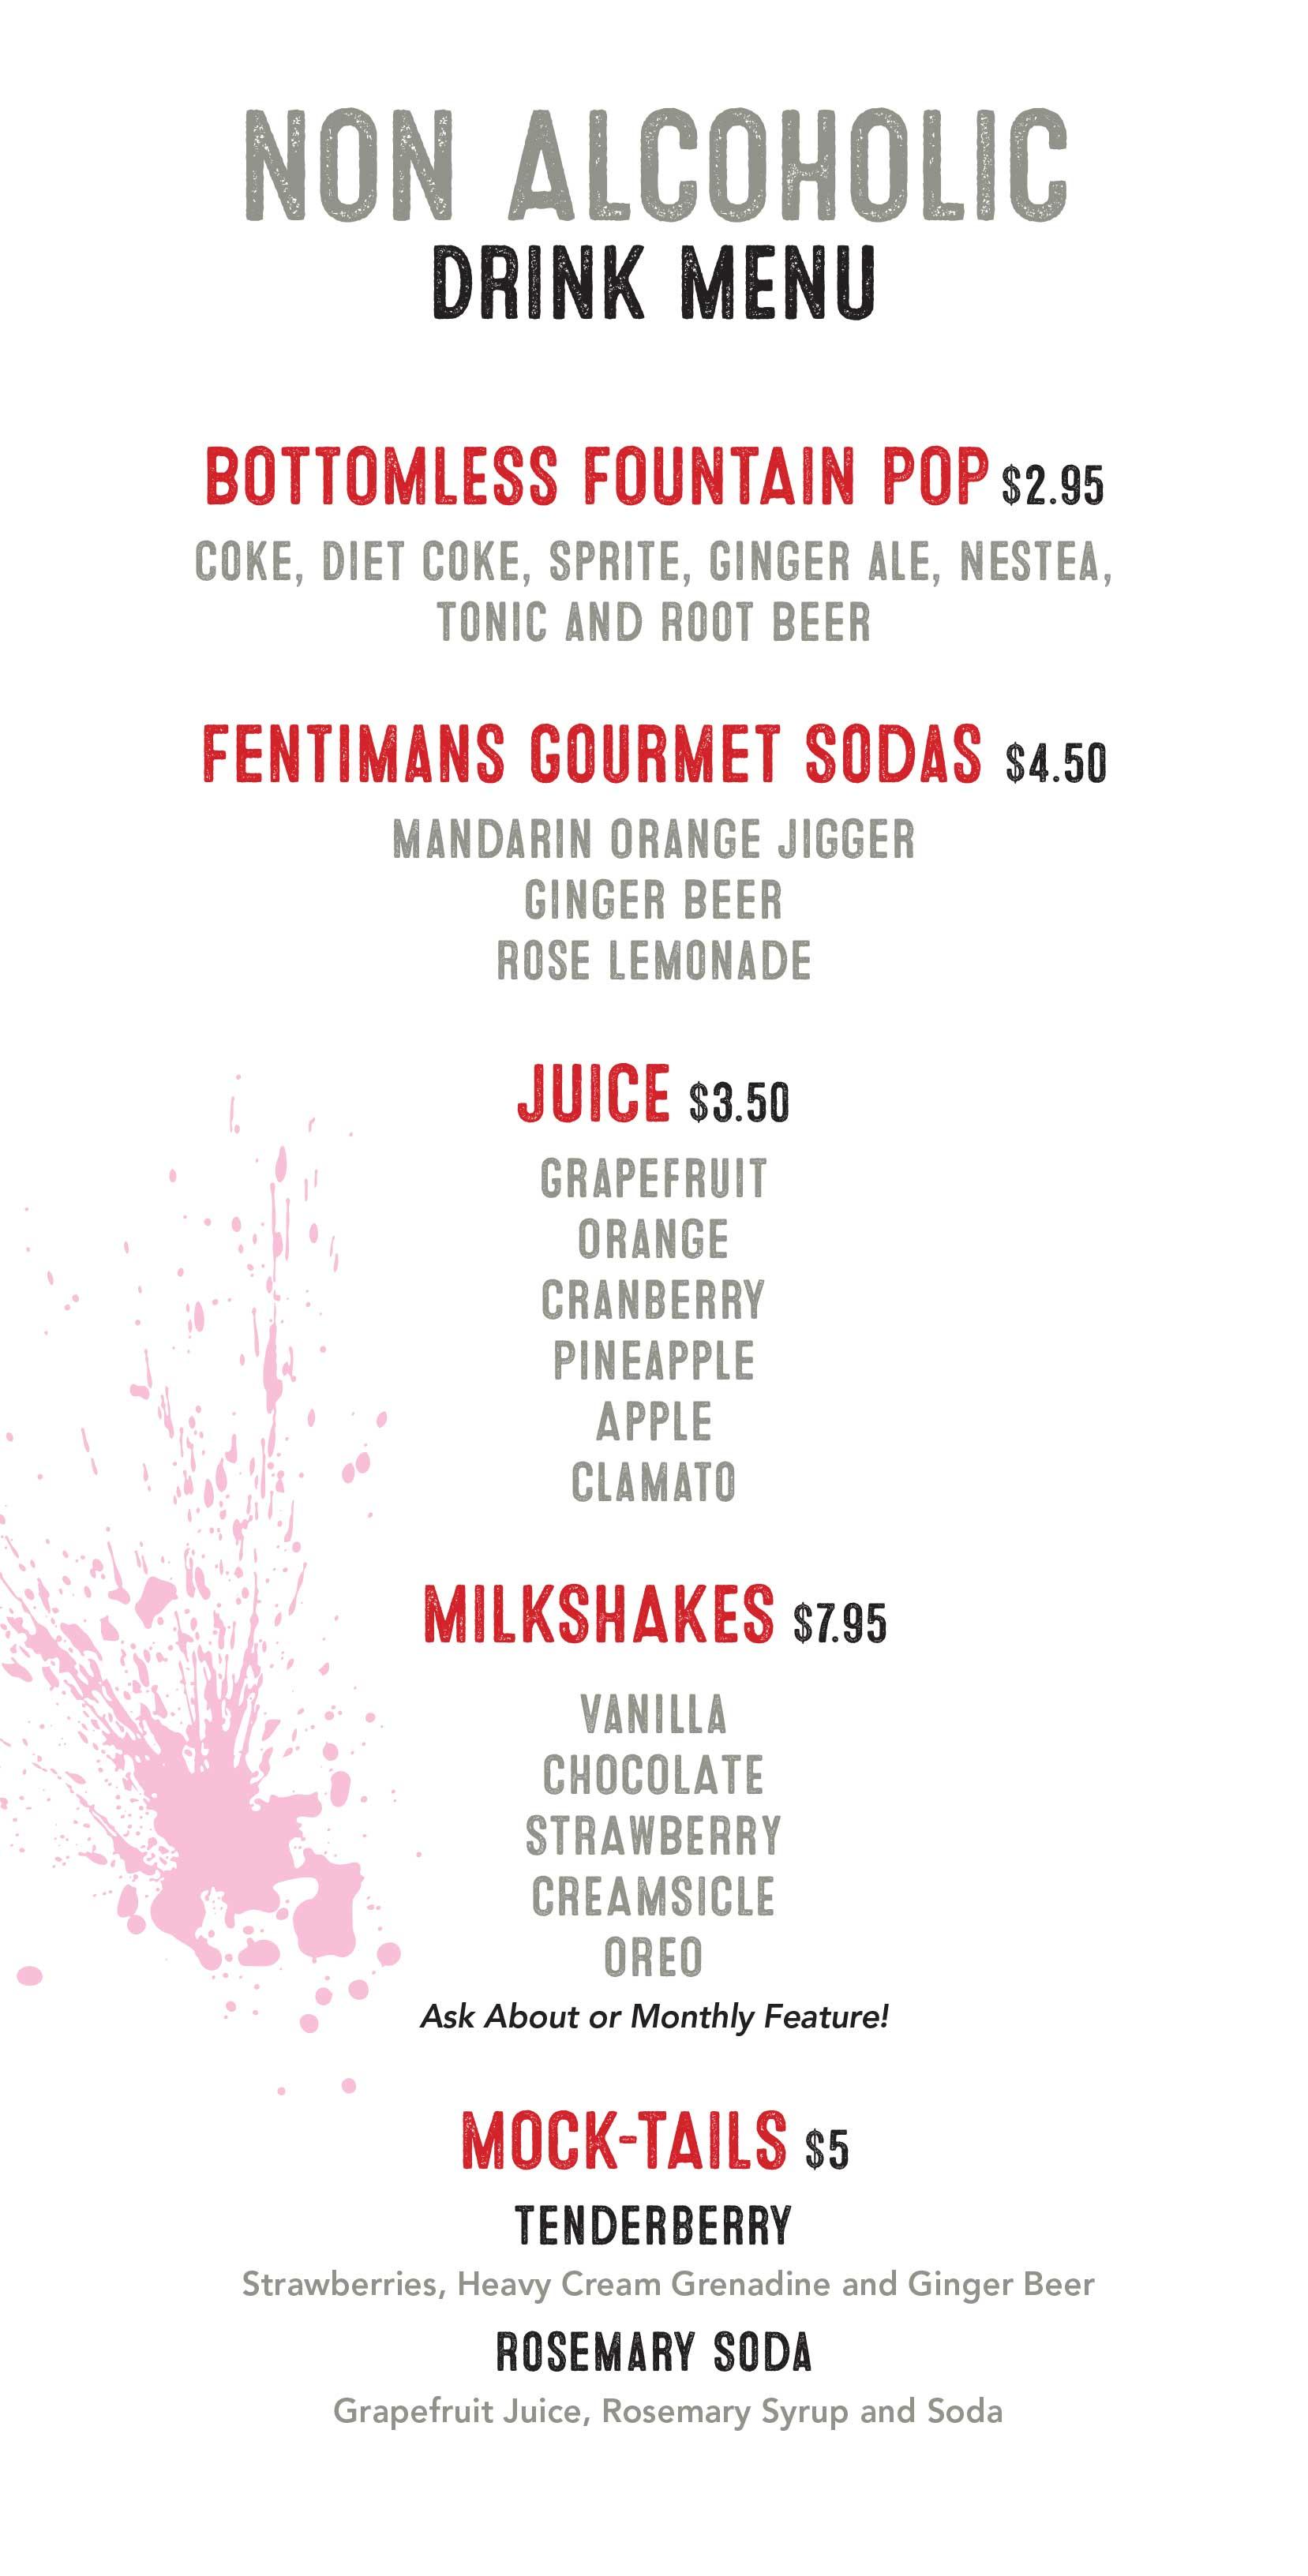 Cannibal-Drinks-Menu-2.jpg